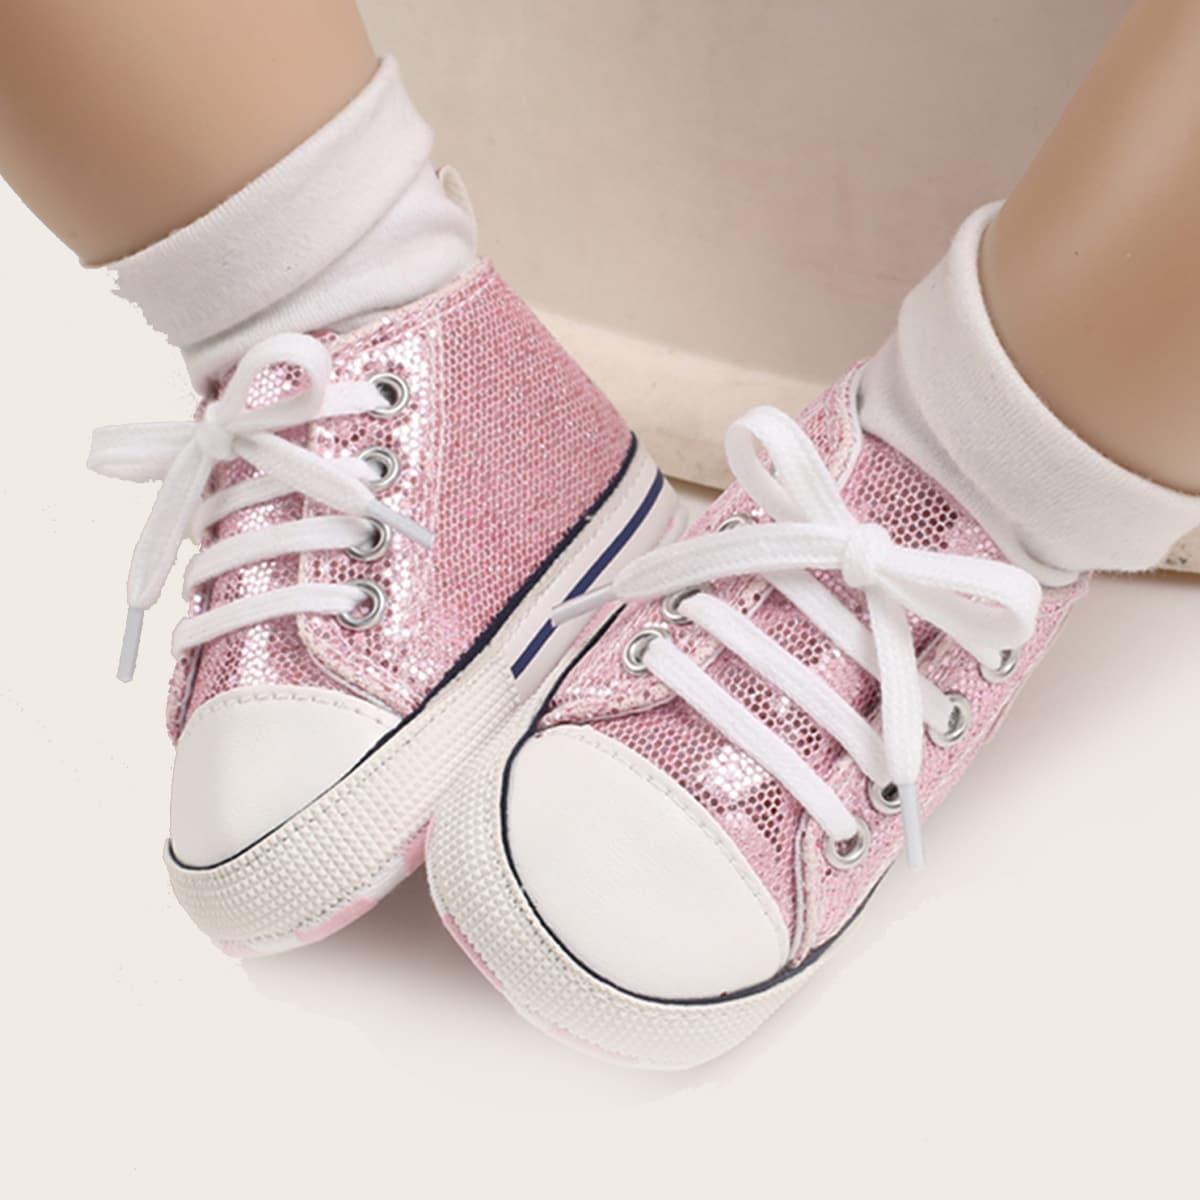 Кроссовки на шнурках для девочек от SHEIN